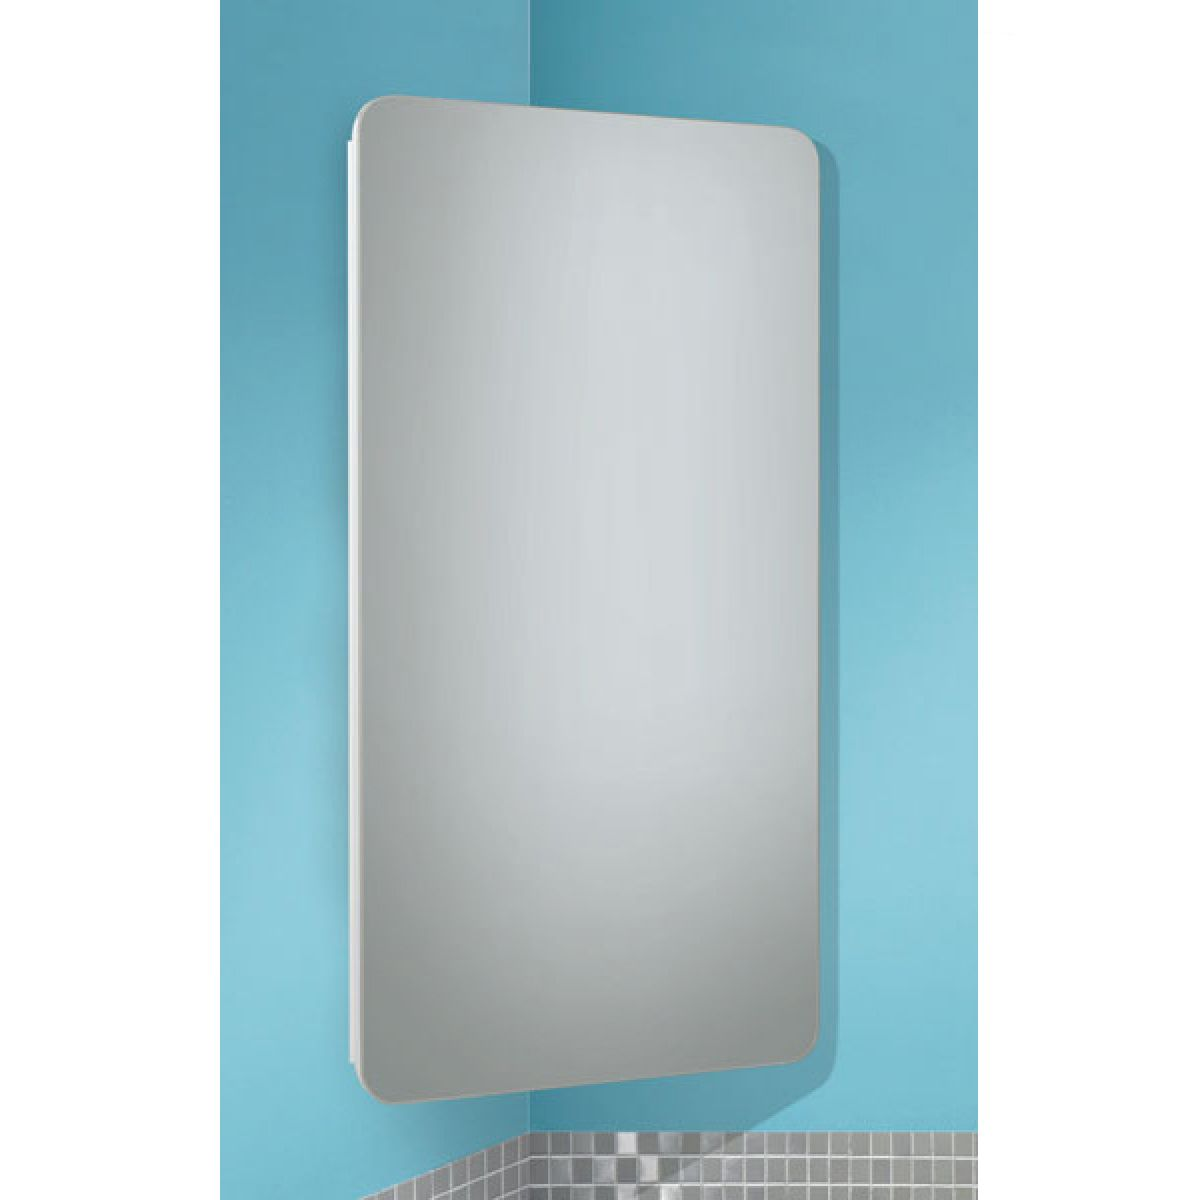 HiB Turin White Corner Mirrored Cabinet